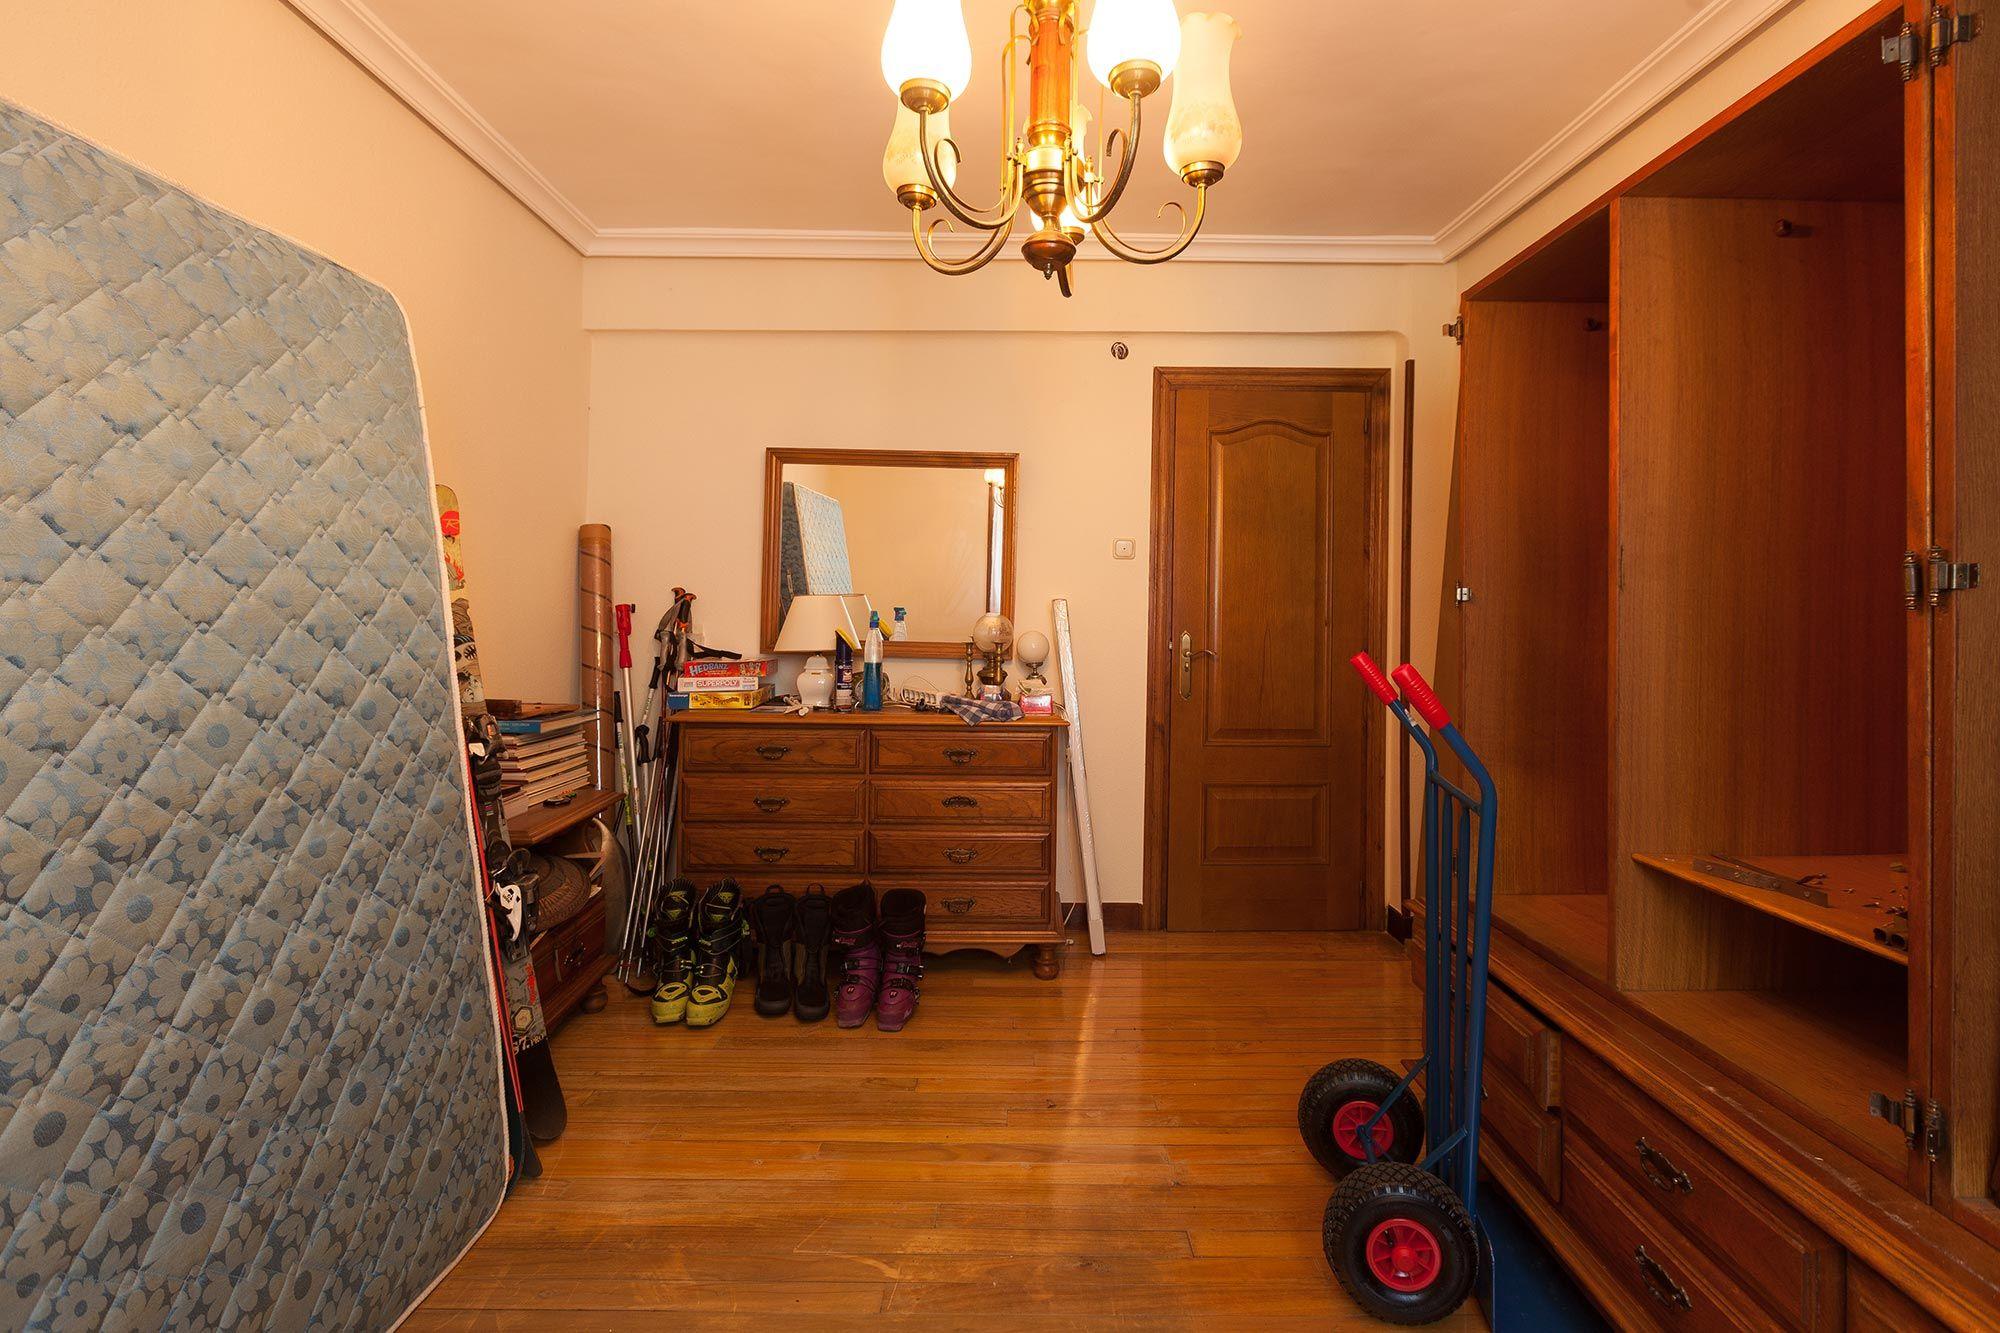 dormitorio juvenil industrial con muebles reciclados - antes